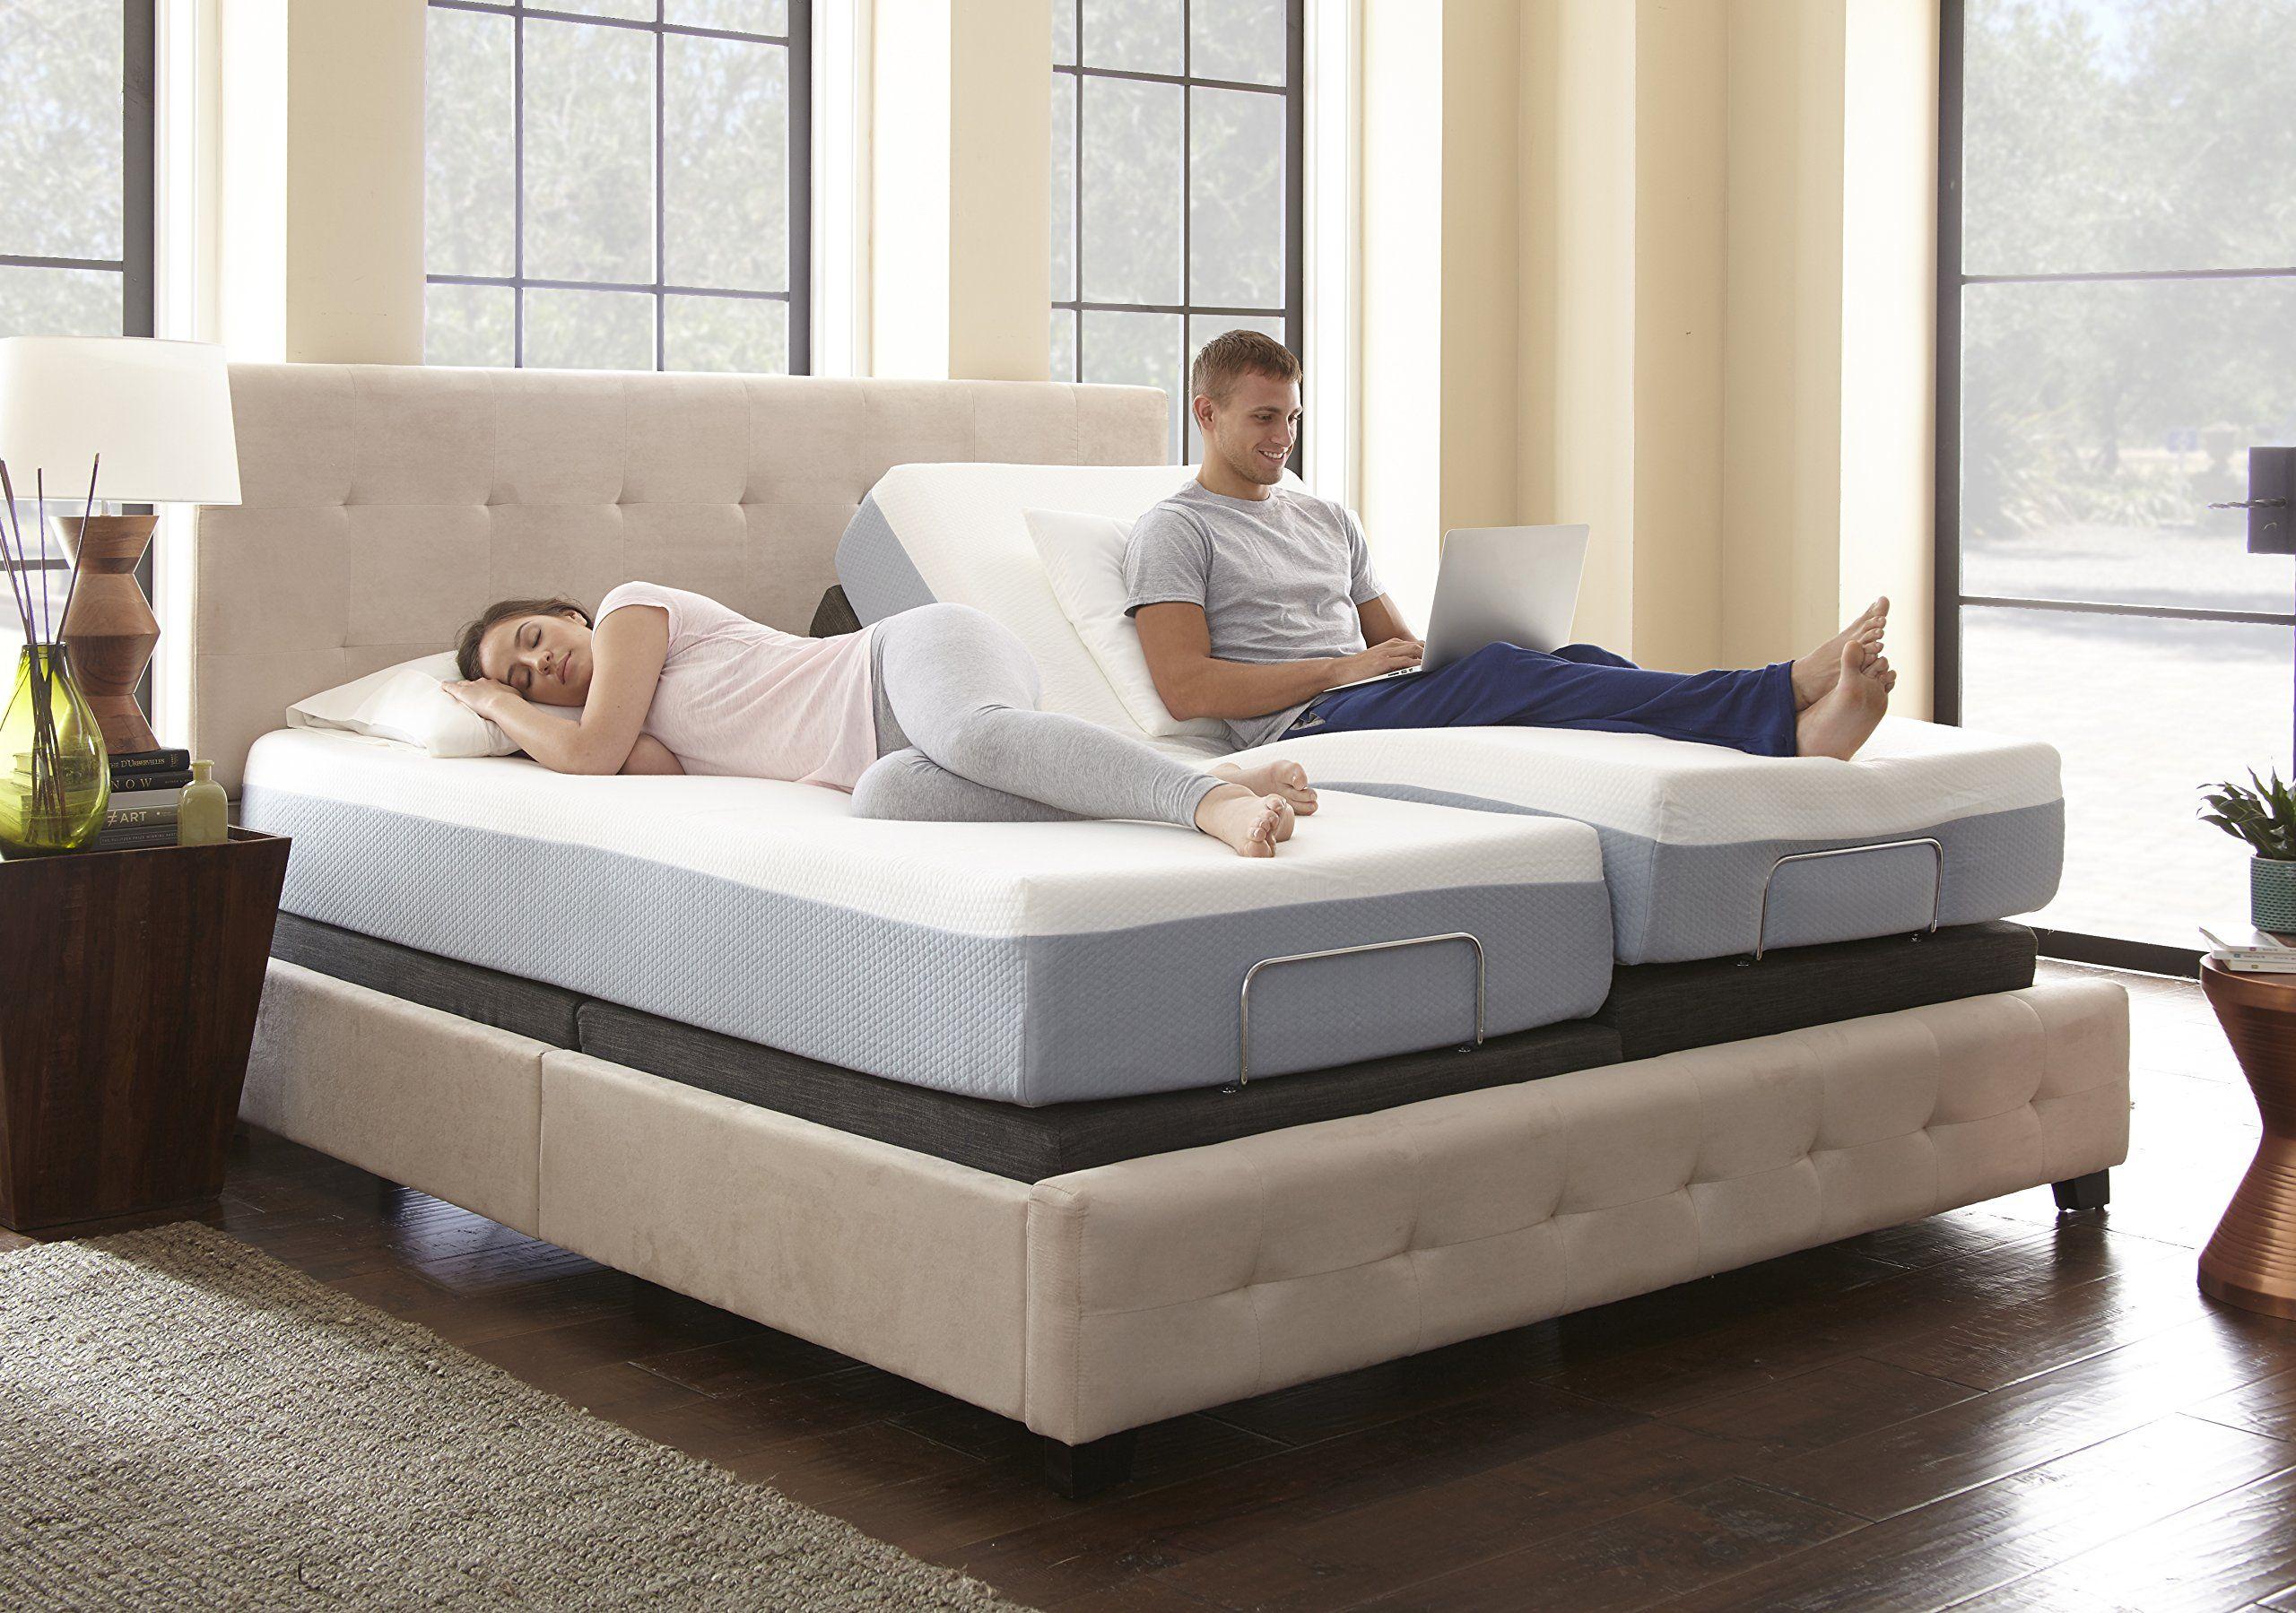 Flex Form Lifestyle Adjustable Bed Frame / Mattress